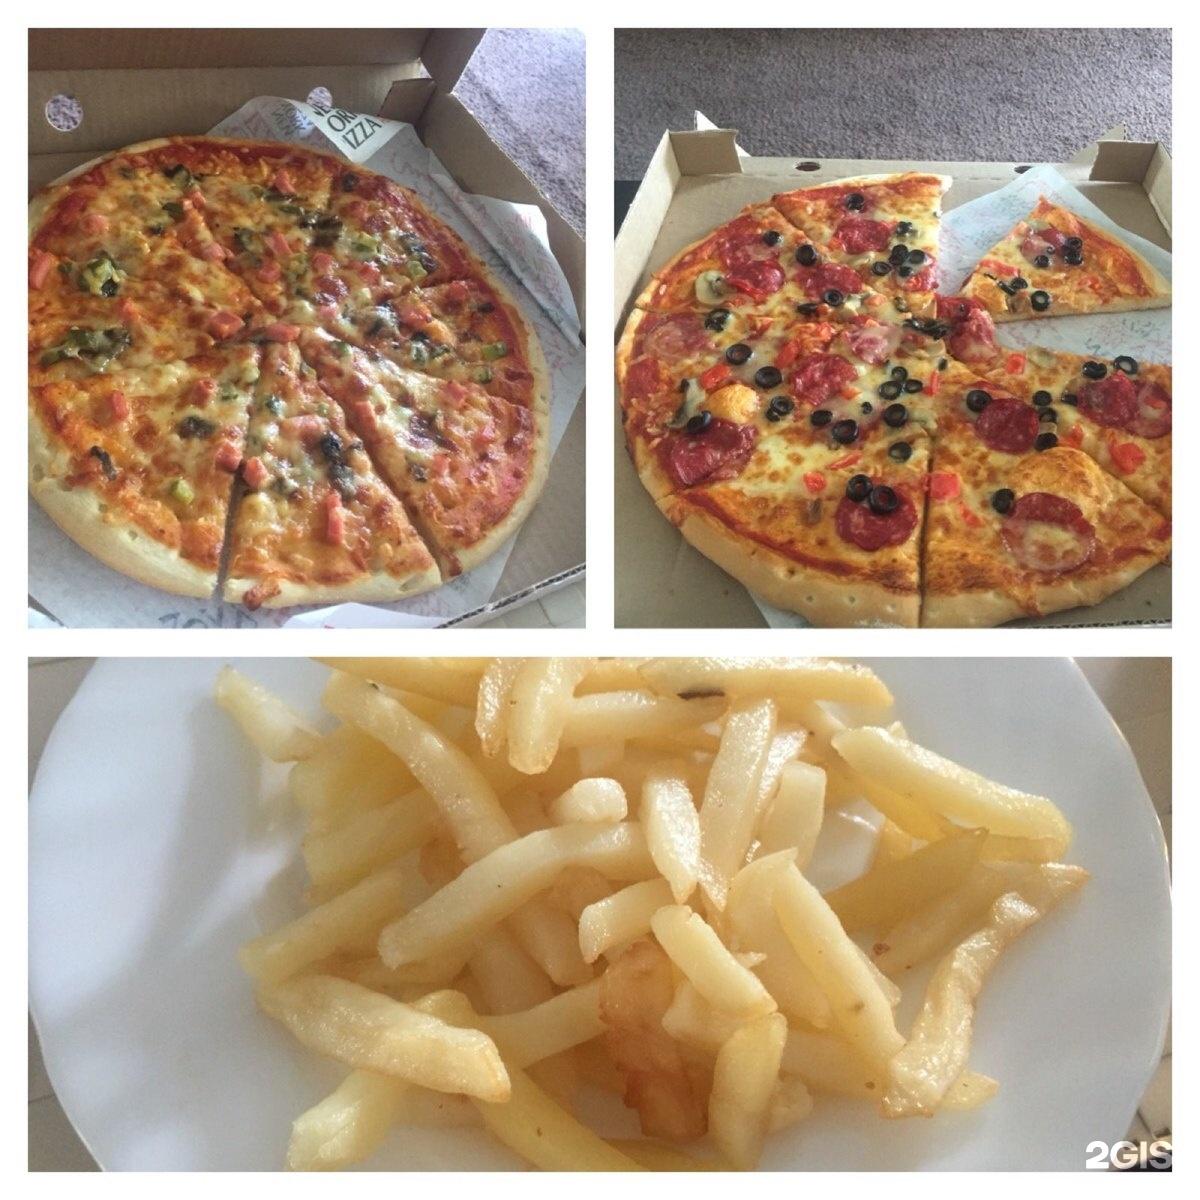 6 августа  доставка легендарной пиццы от new york pizza.